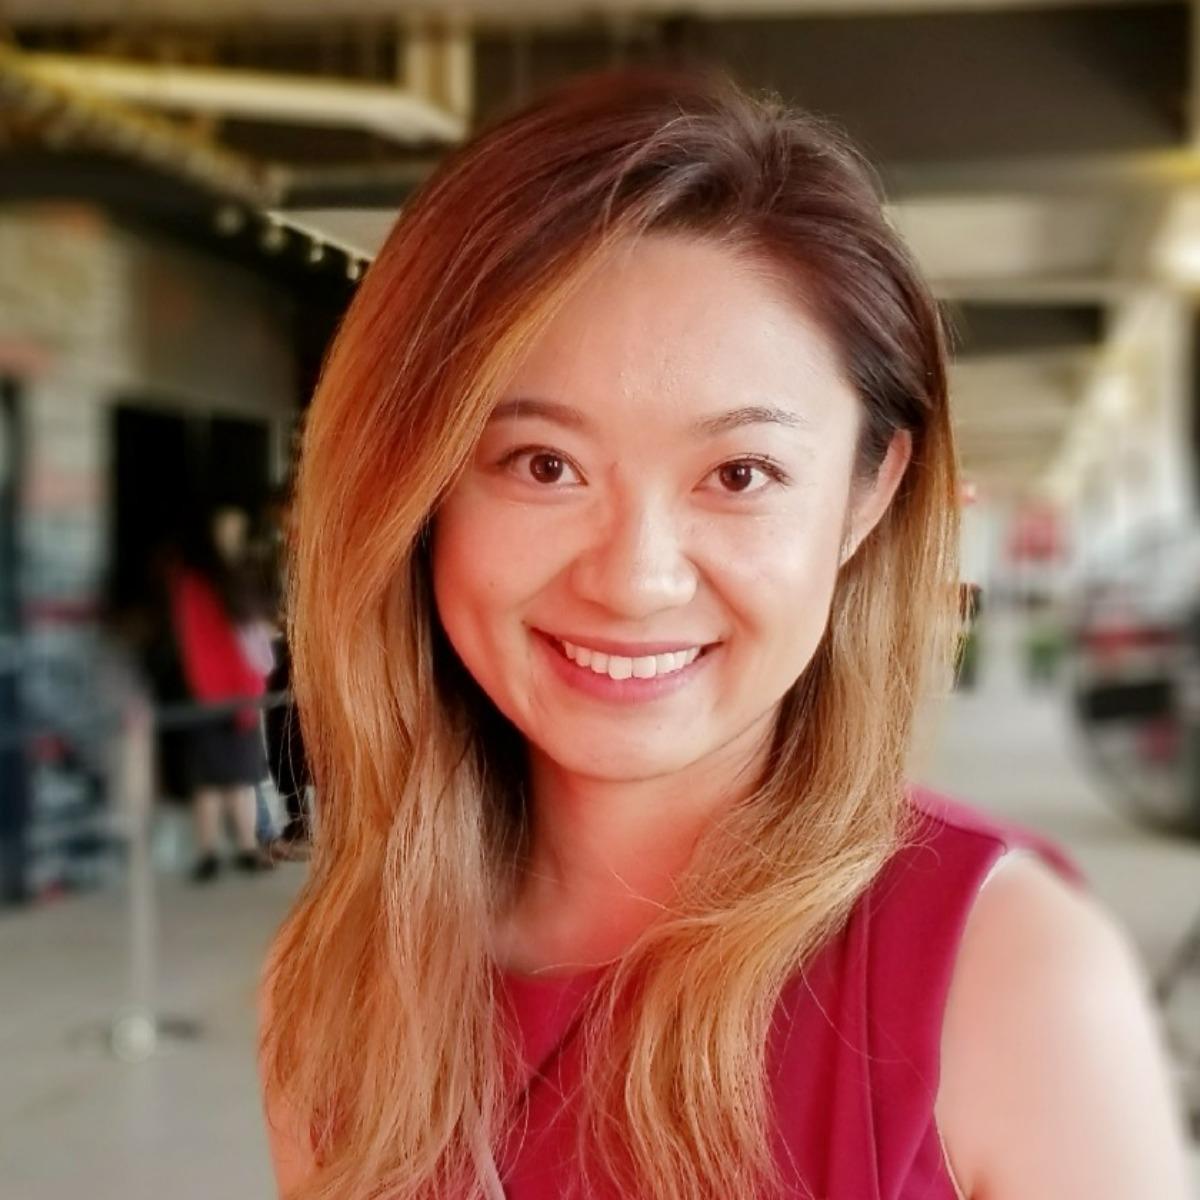 Zhe Ji